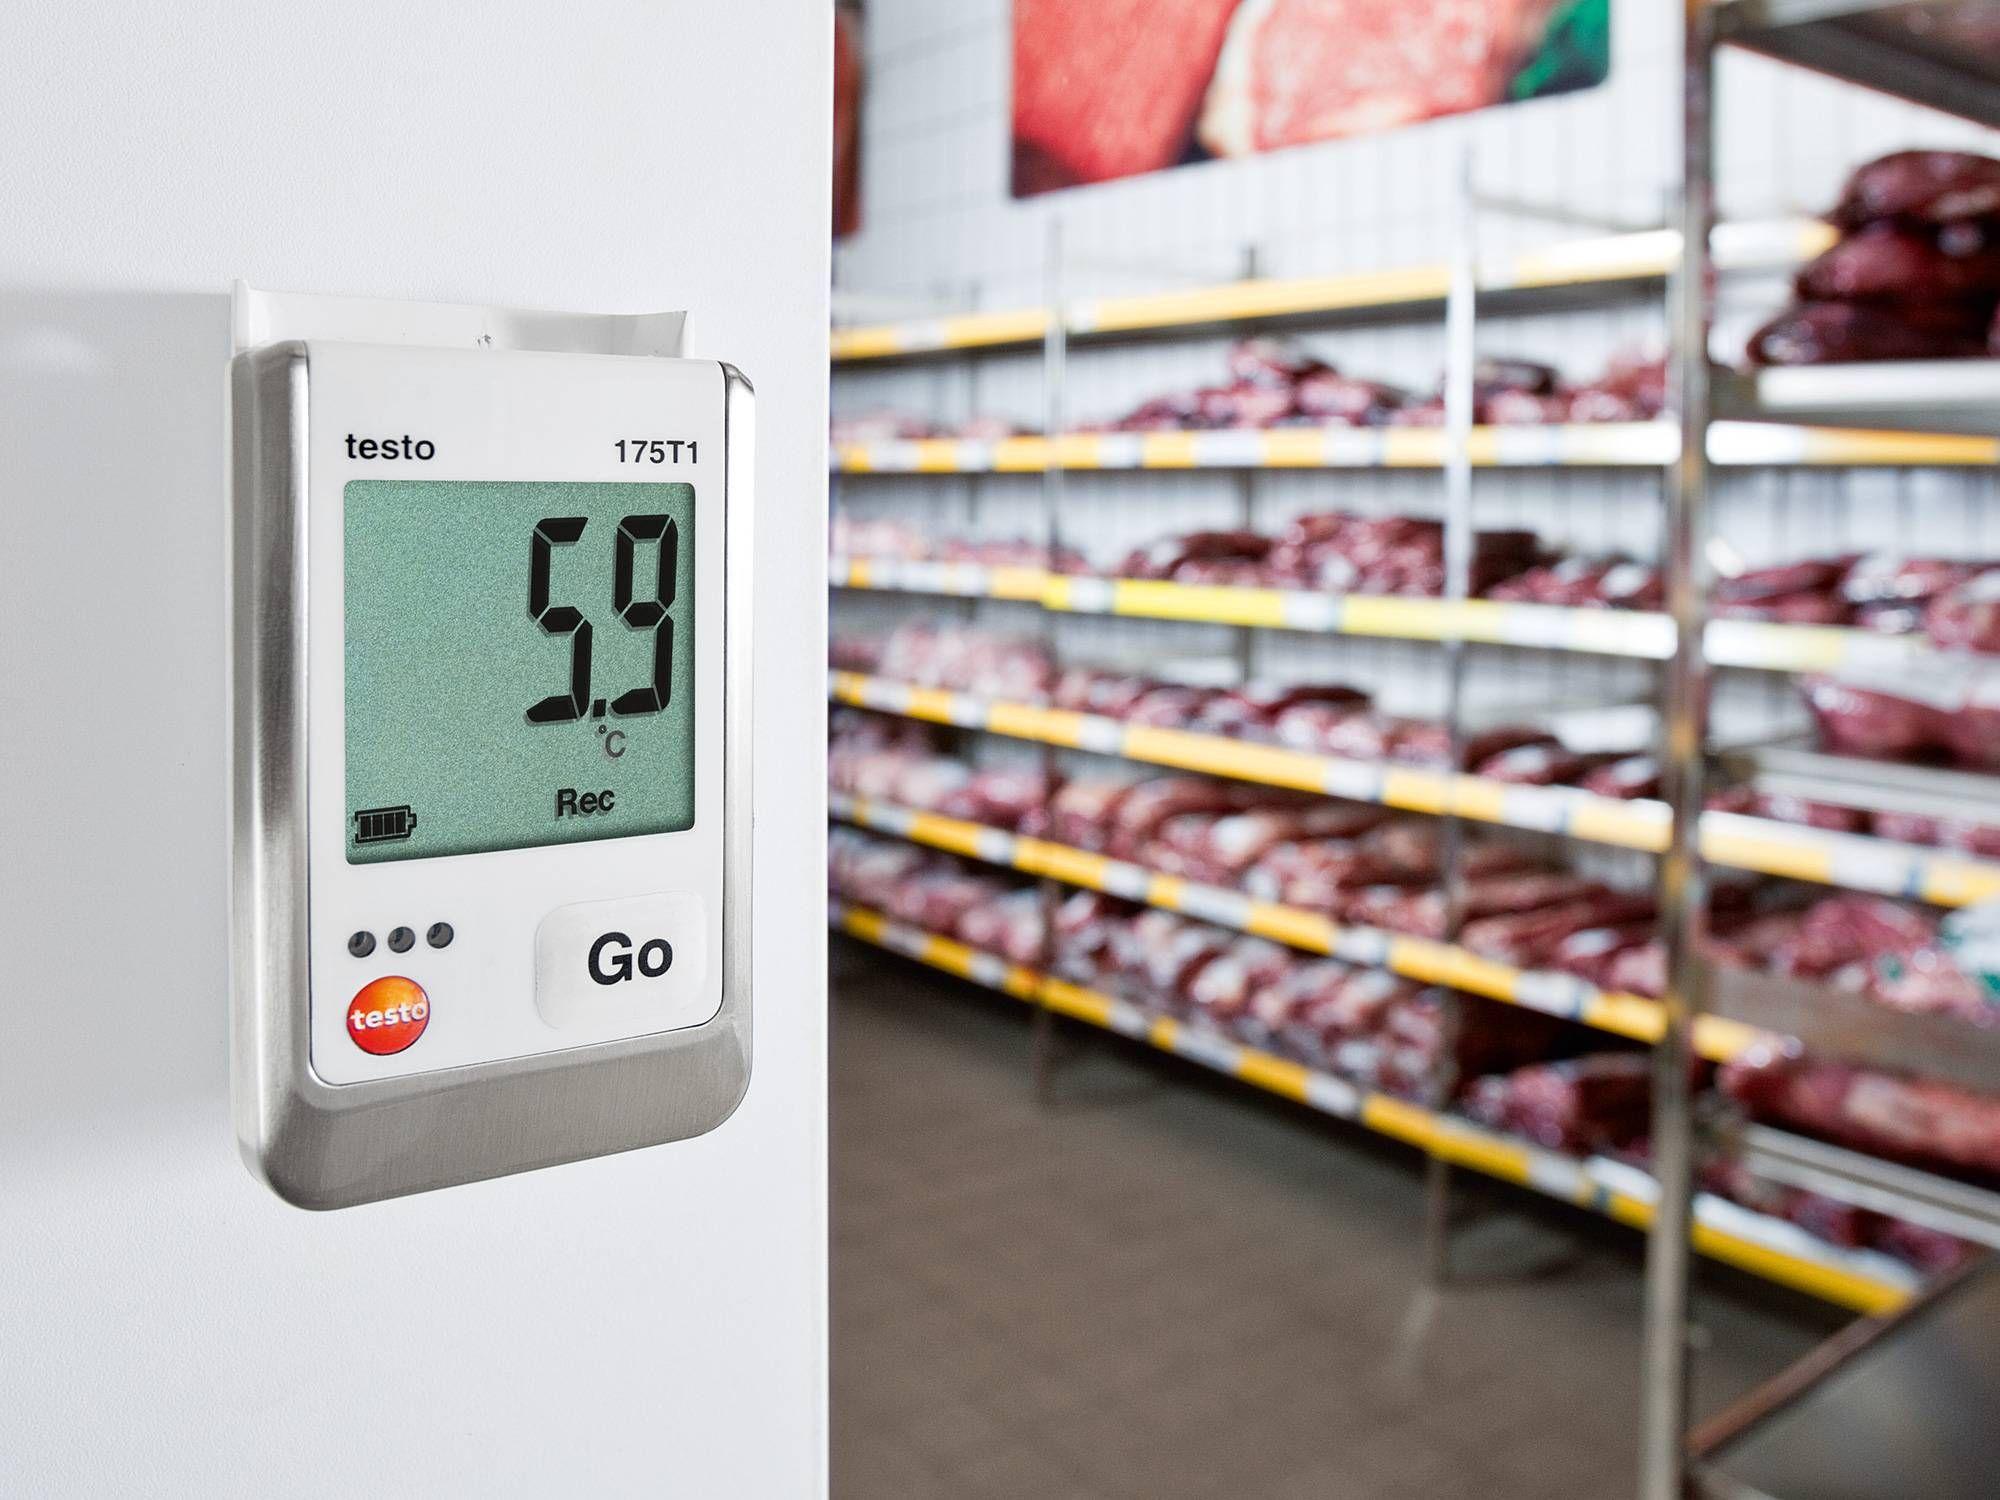 Monitoramento da temperatura em depósitos e armazéns